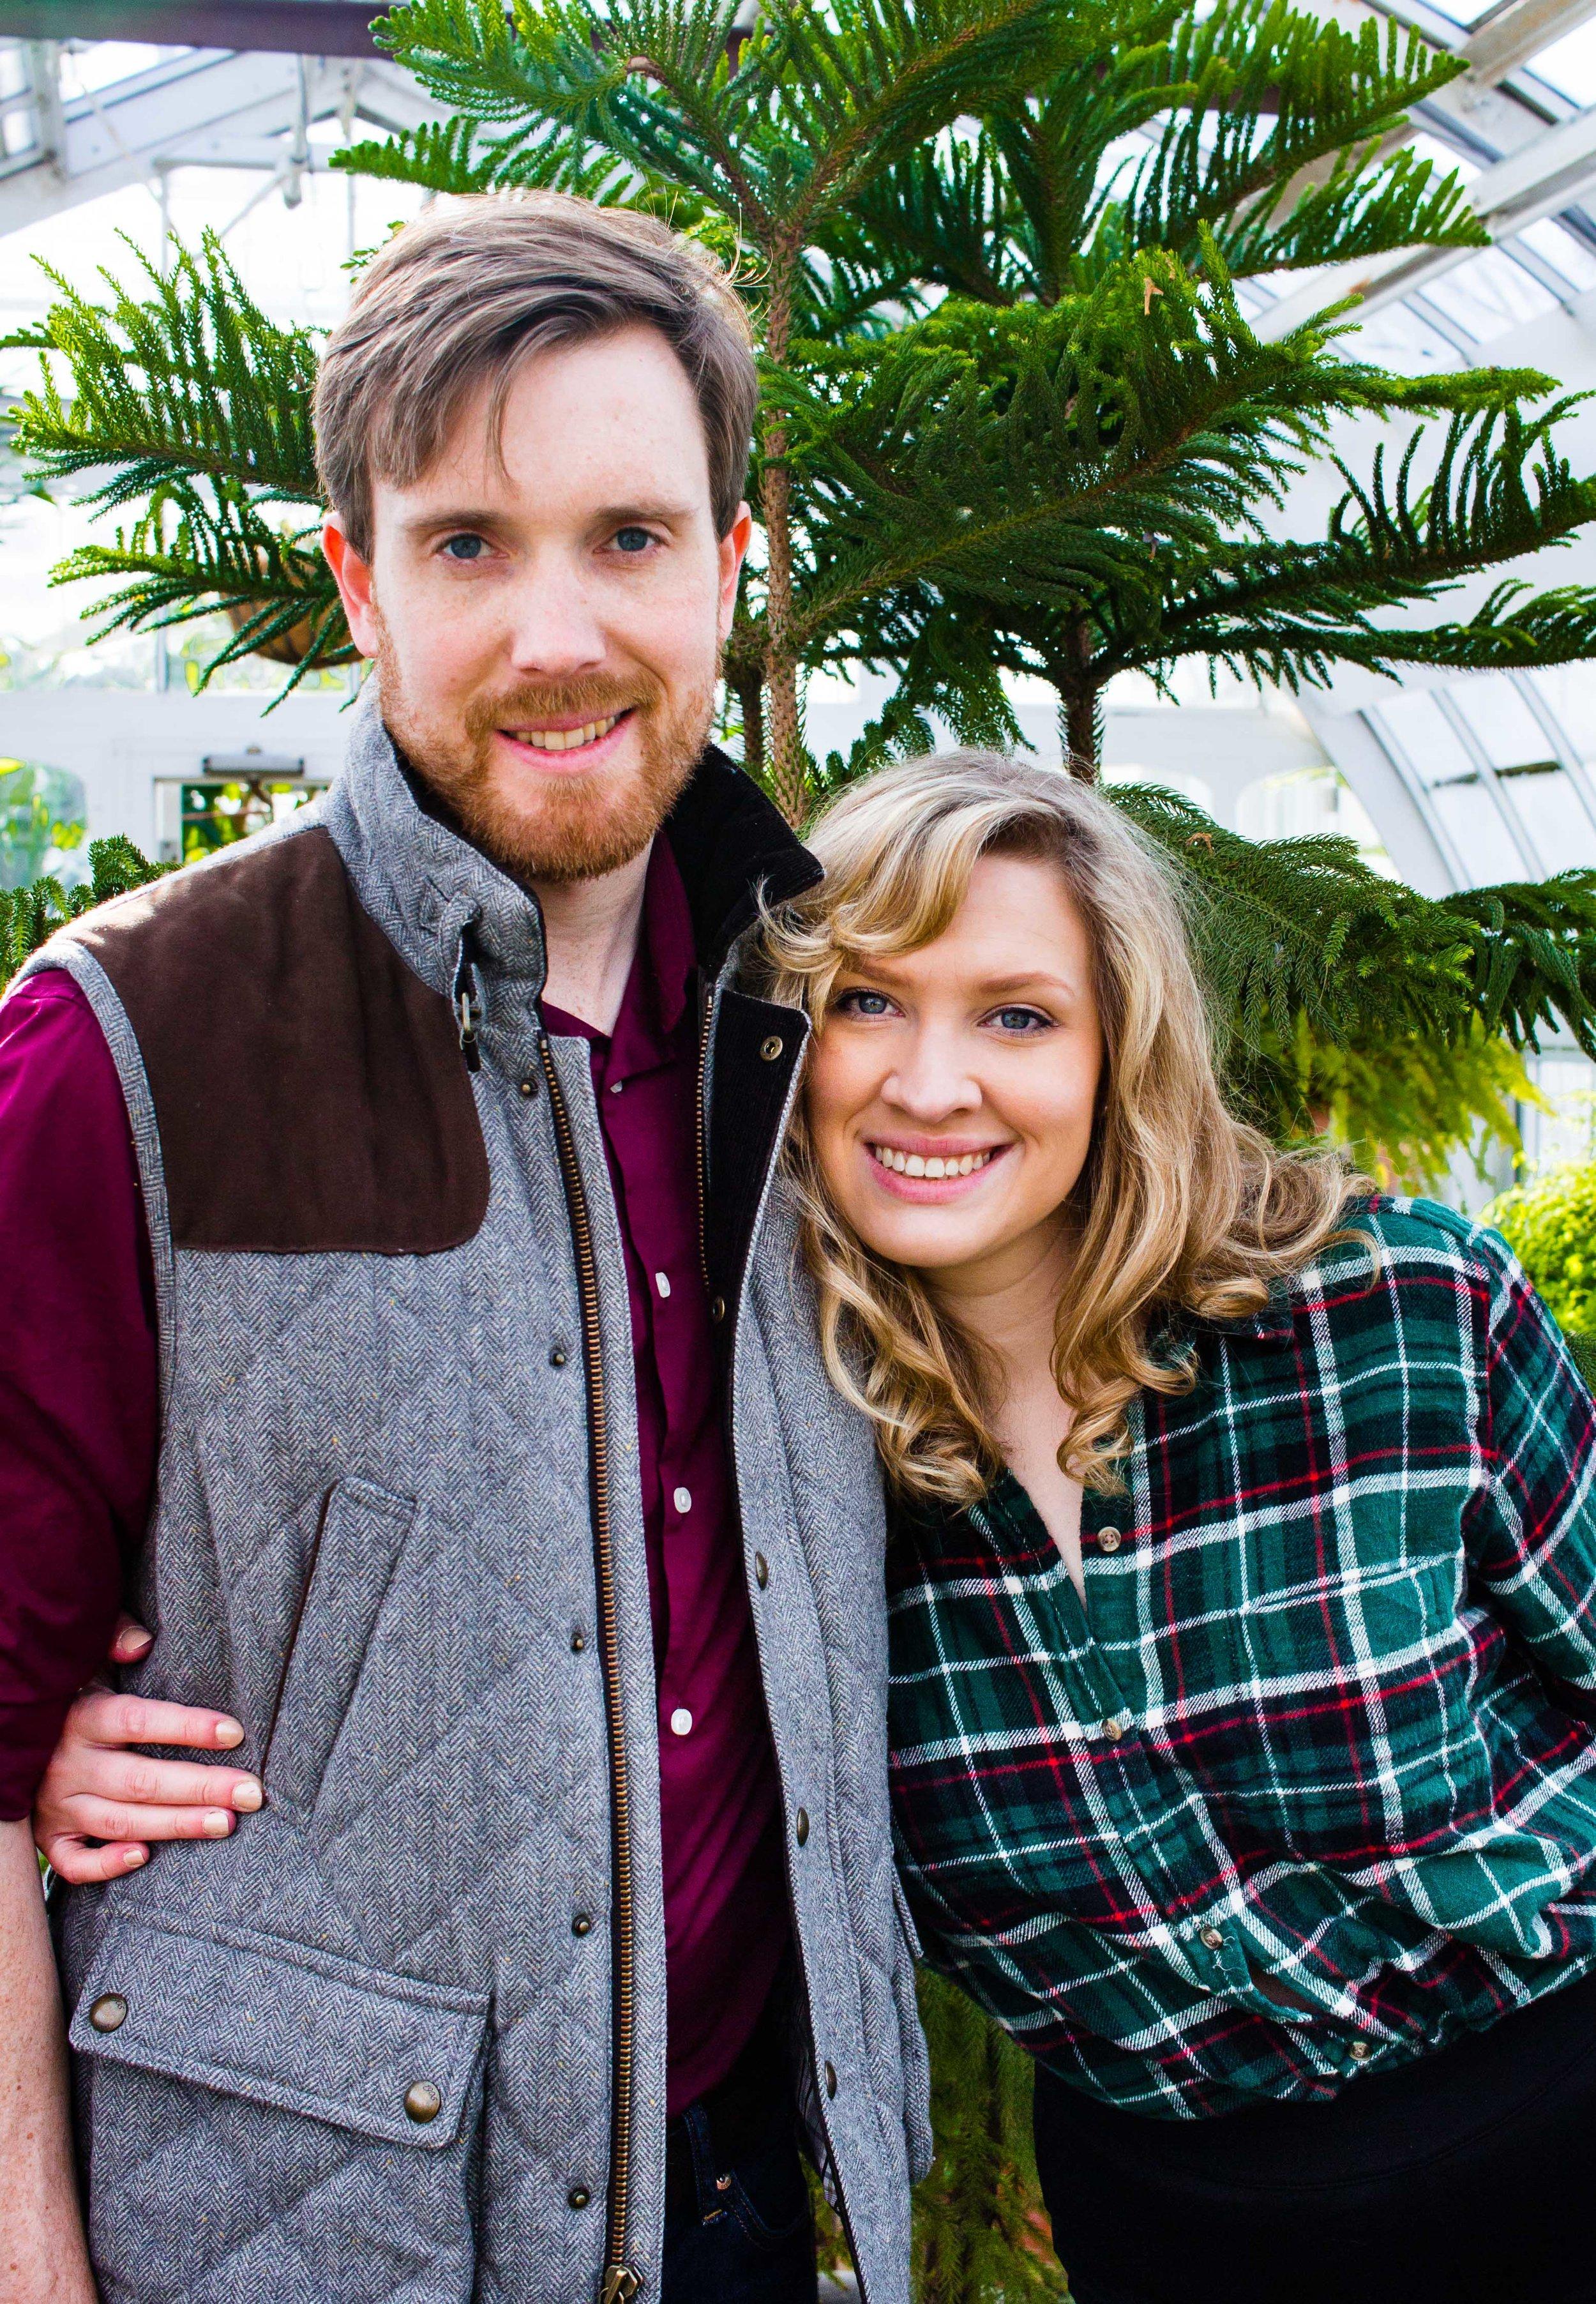 Tara & Ben_Engagement_020219_low res-119.jpg